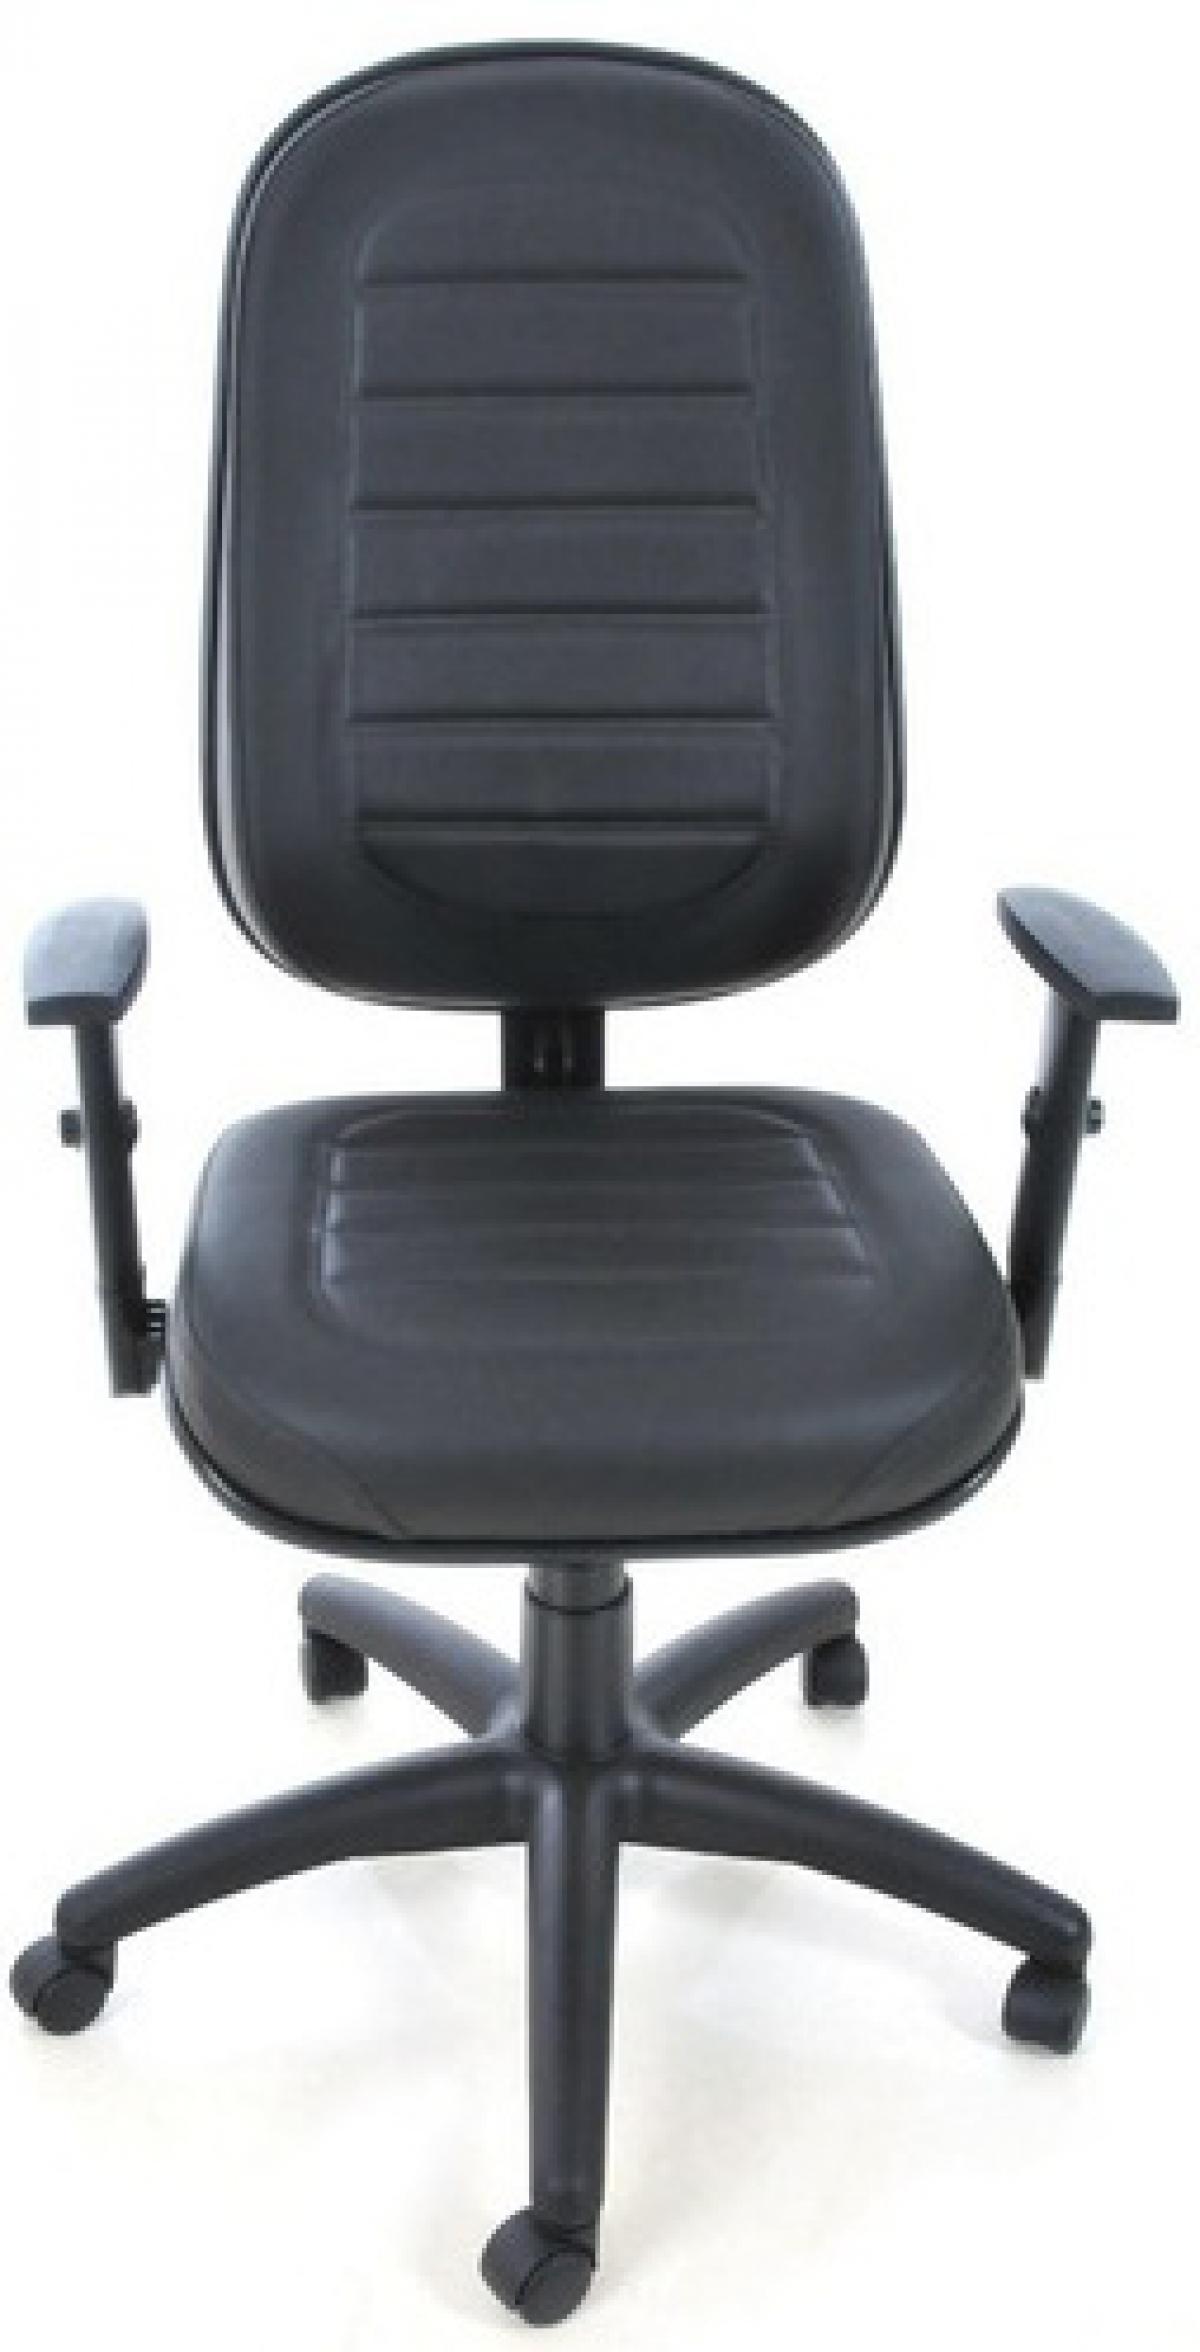 CAD - 34 Cadeira De Escritório Presidente Costurada Giratória Com Braço Regulavel Estofada Varias Cores